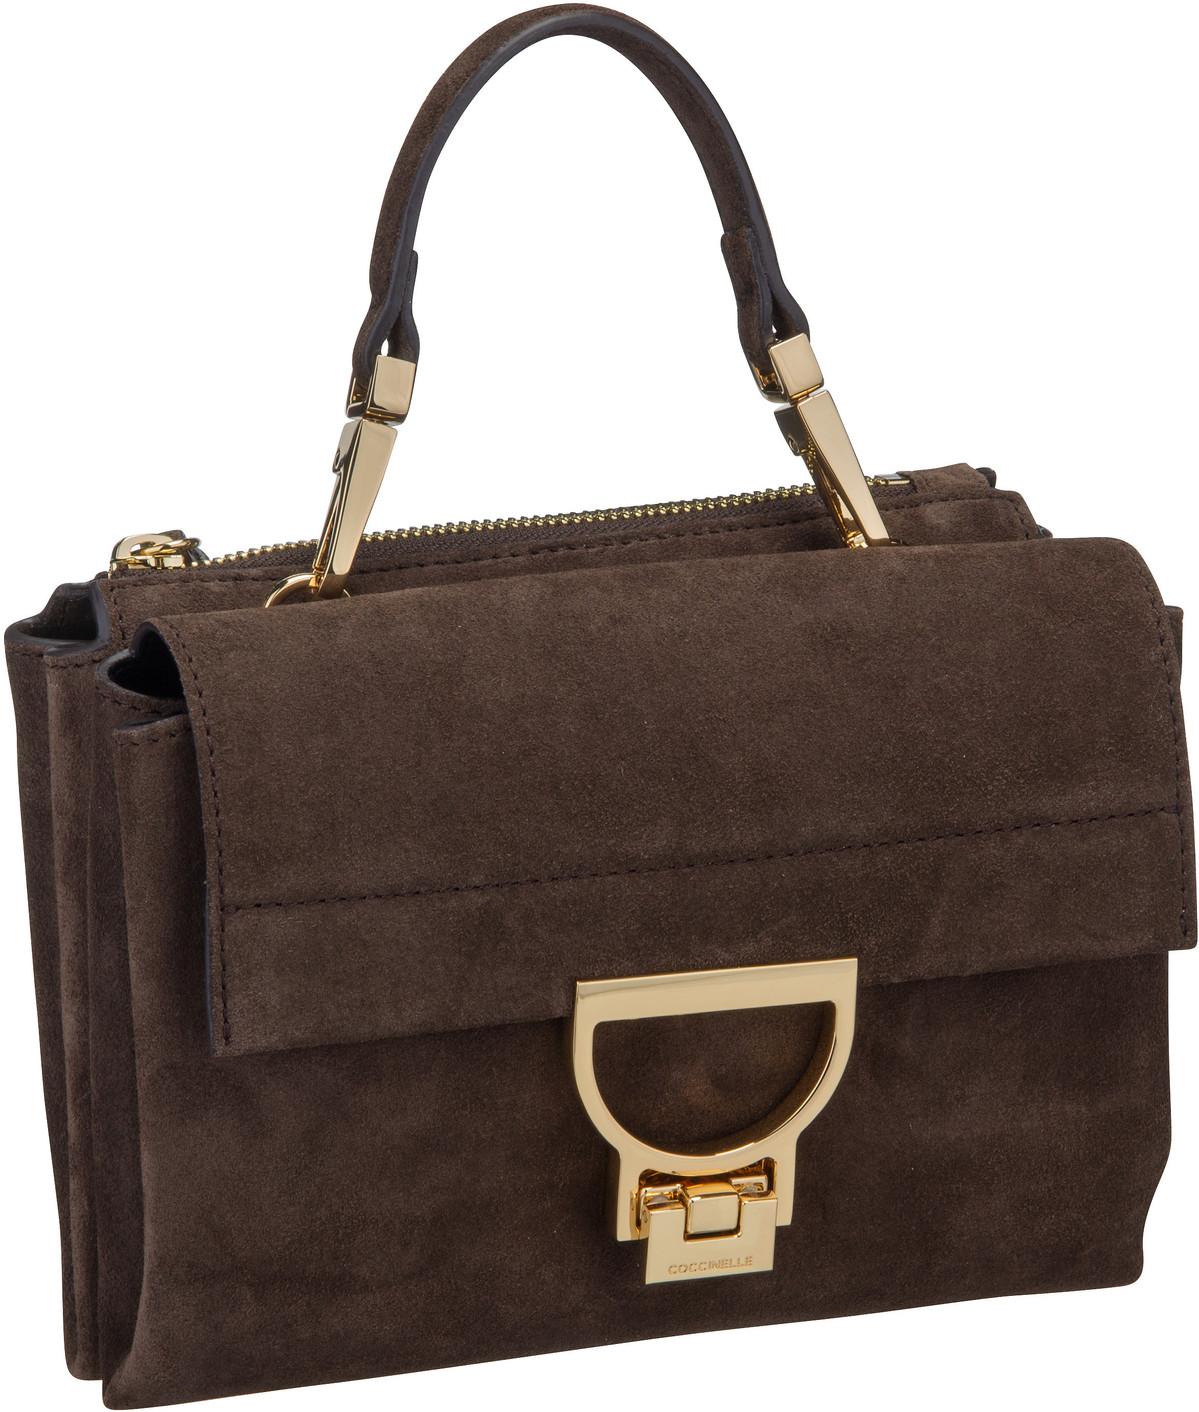 Handtasche Arlettis Suede 55B7 T.Moro